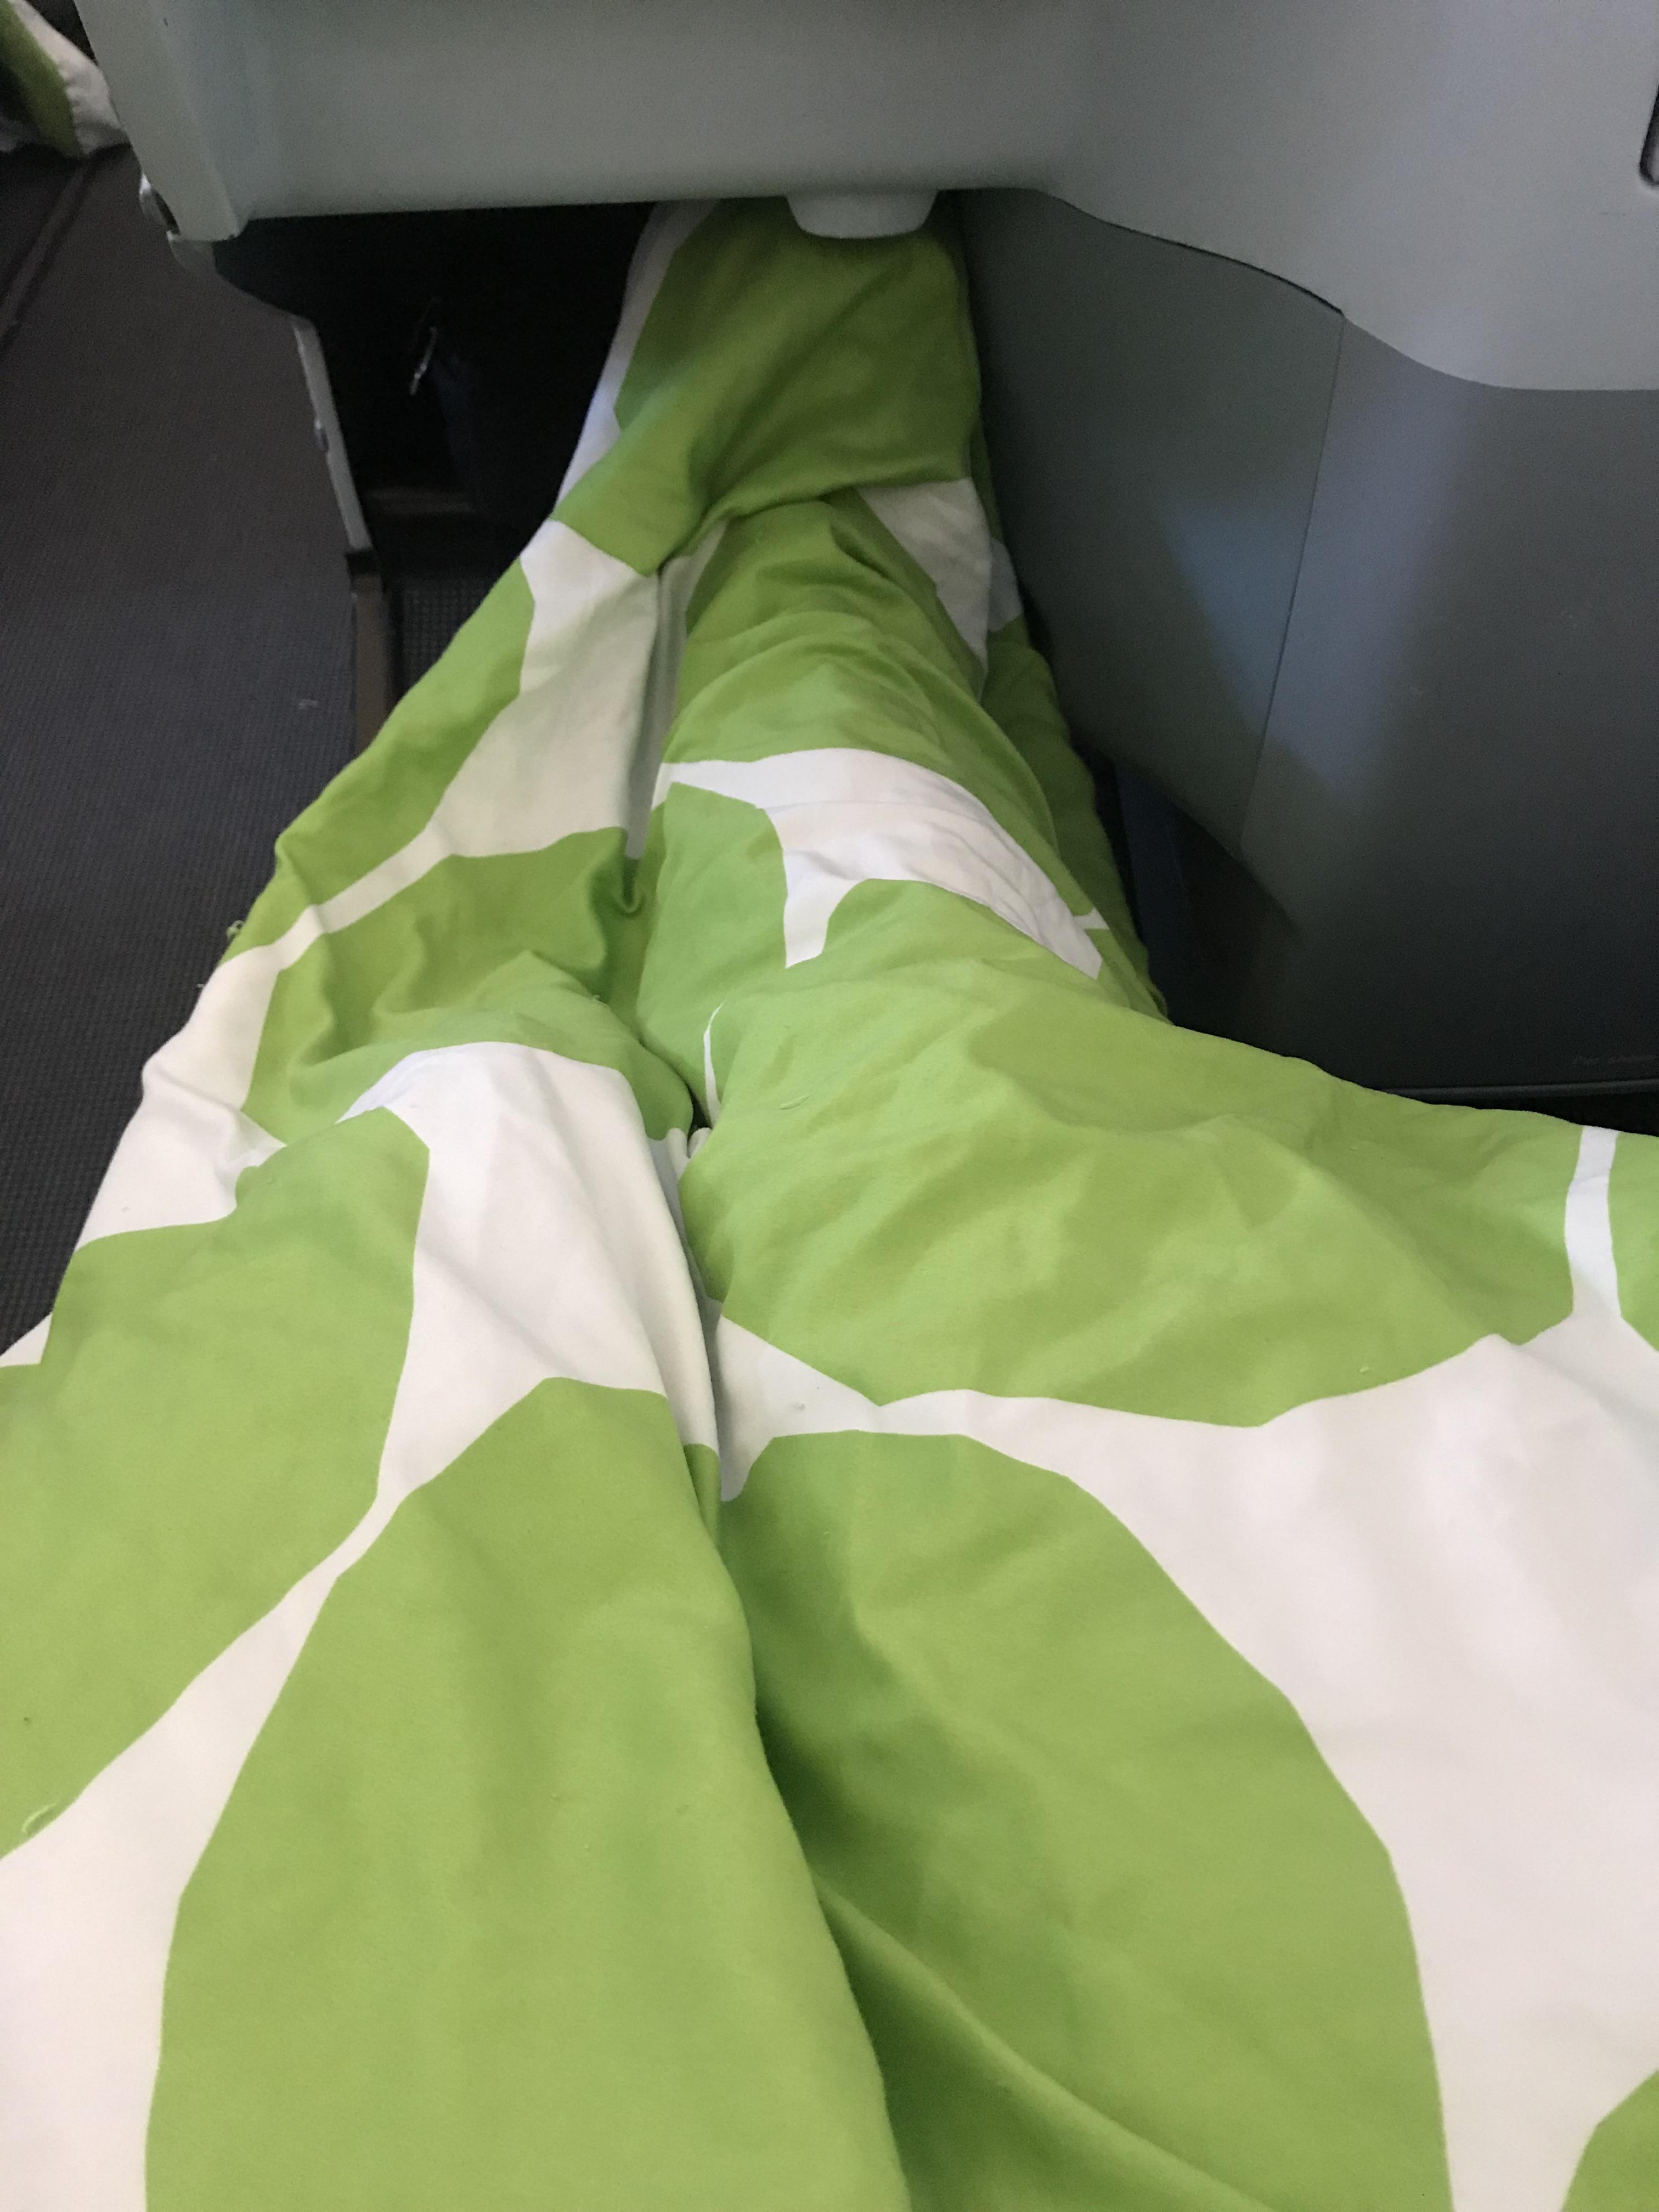 Finnair A330-300 business class blanket